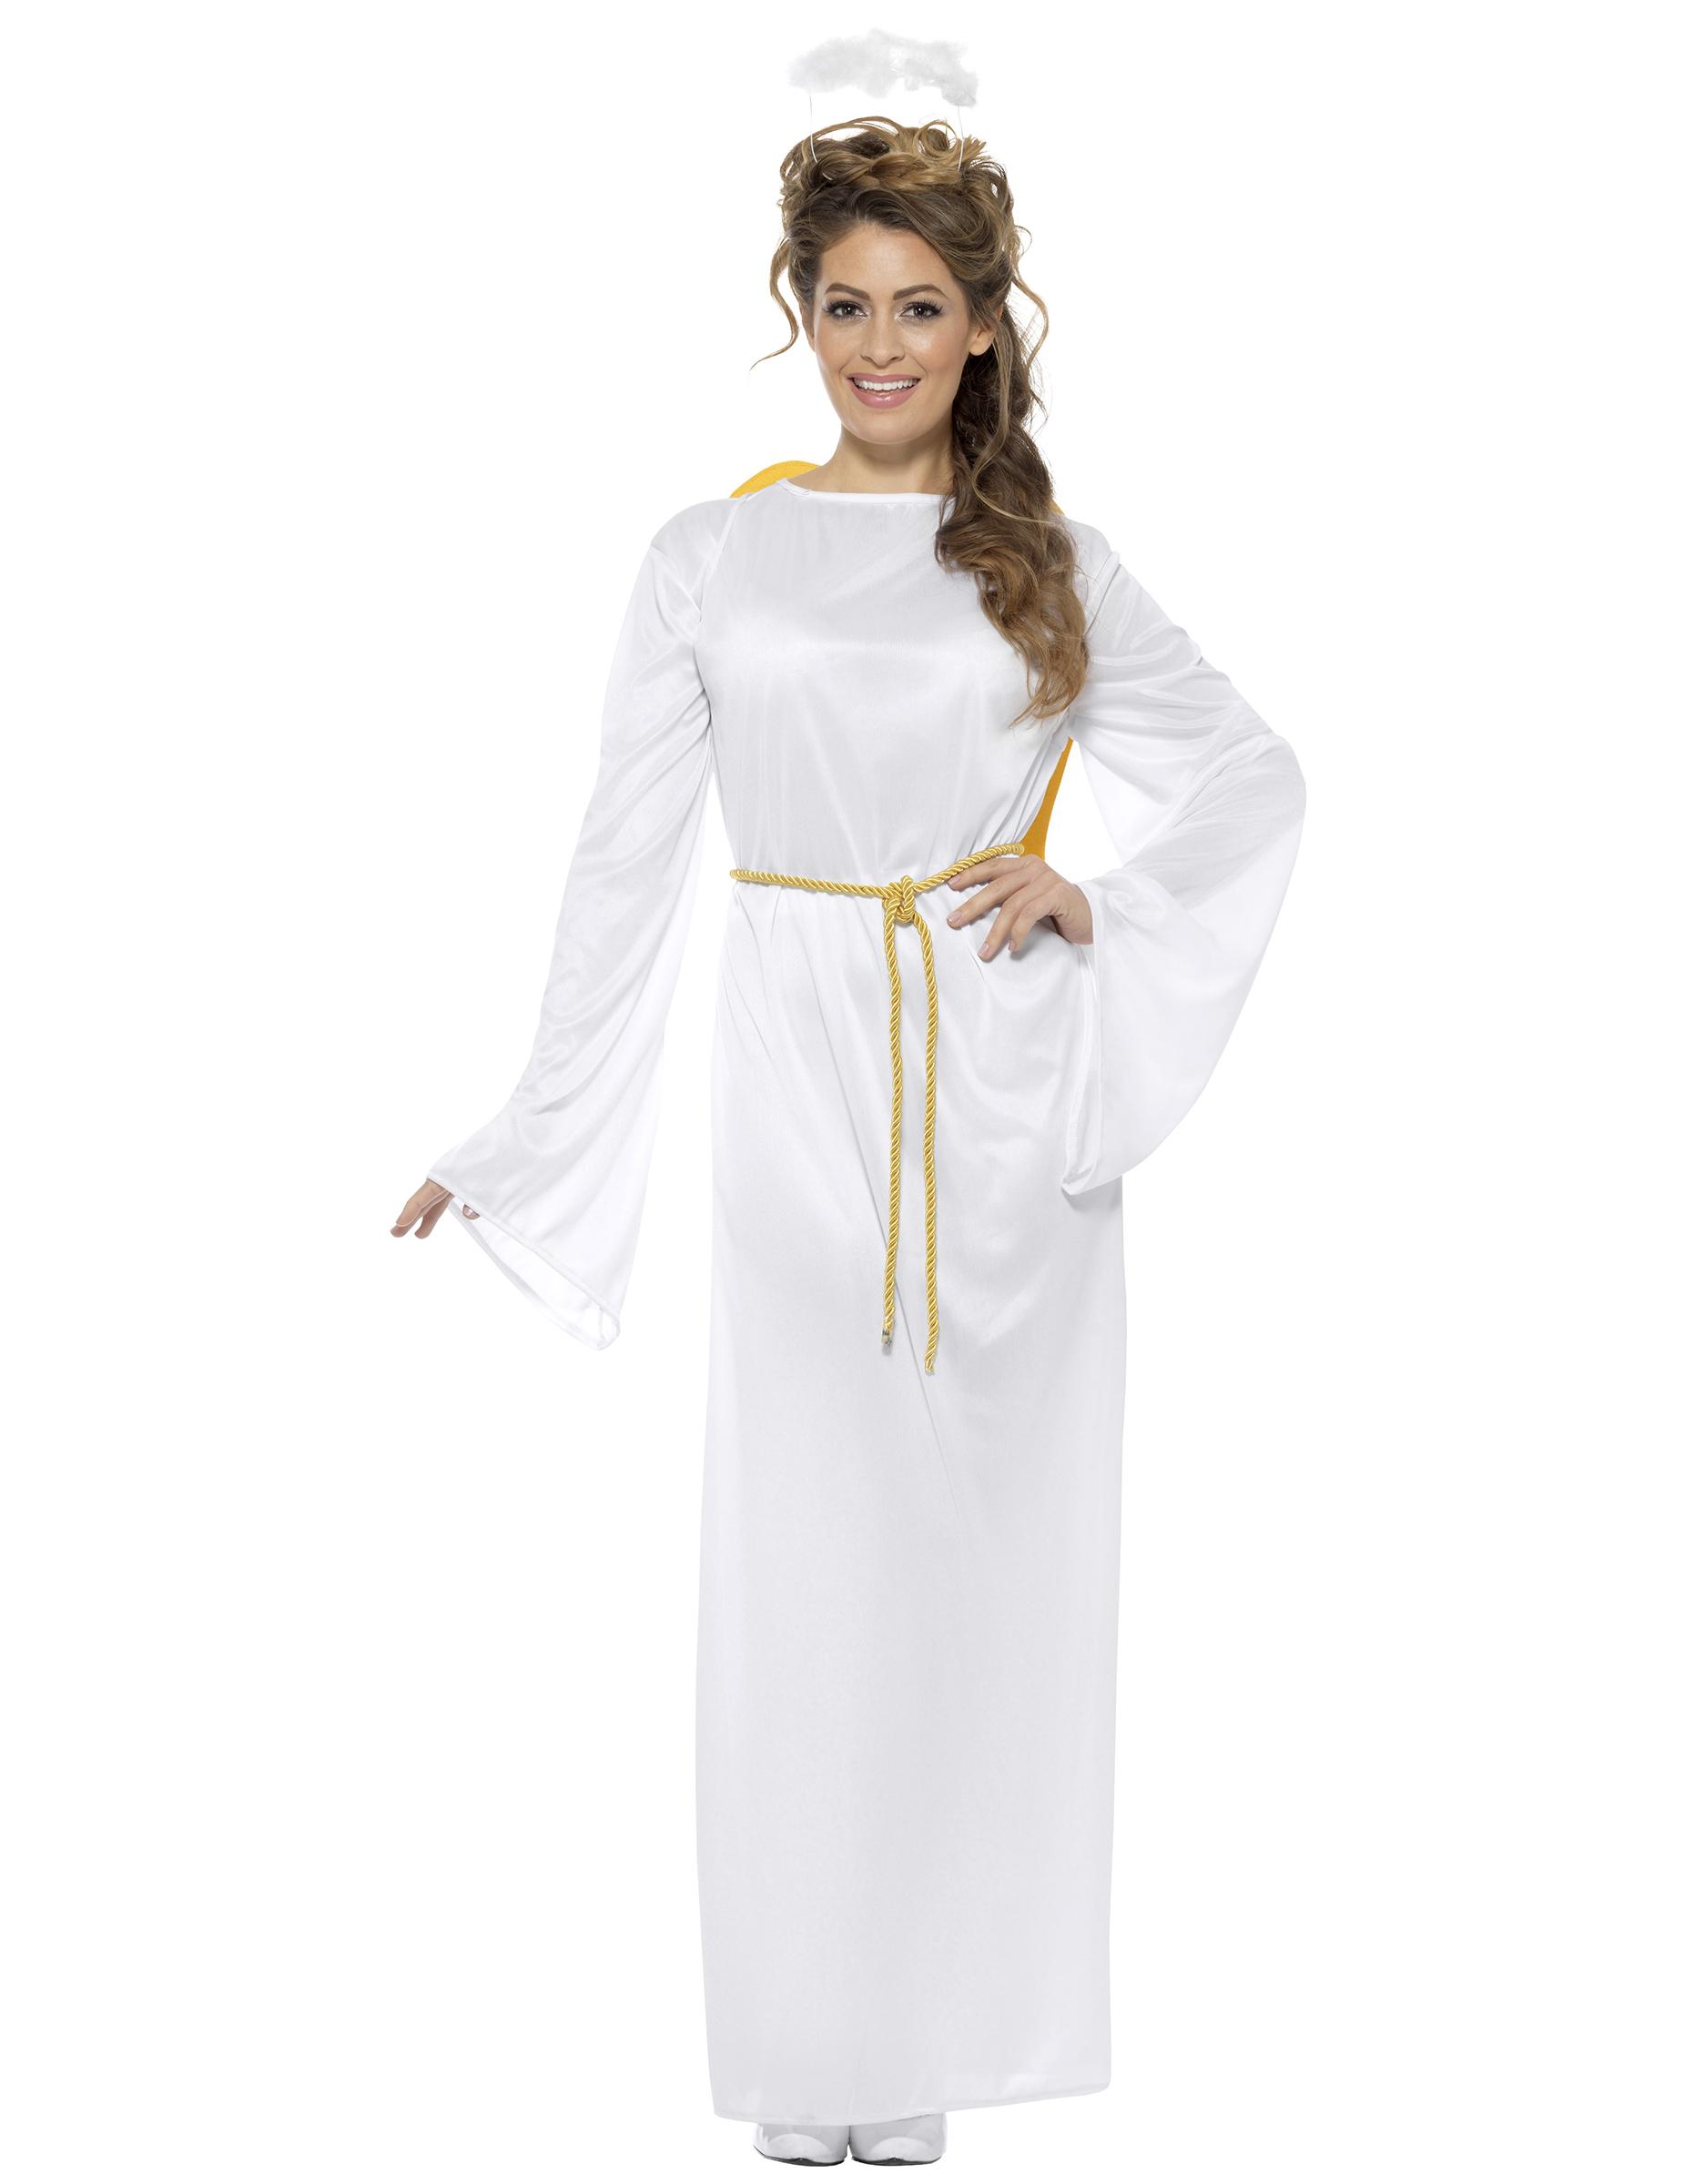 Weihnachts-Kostüm Engel für Erwachsene weiss , günstige Faschings ...